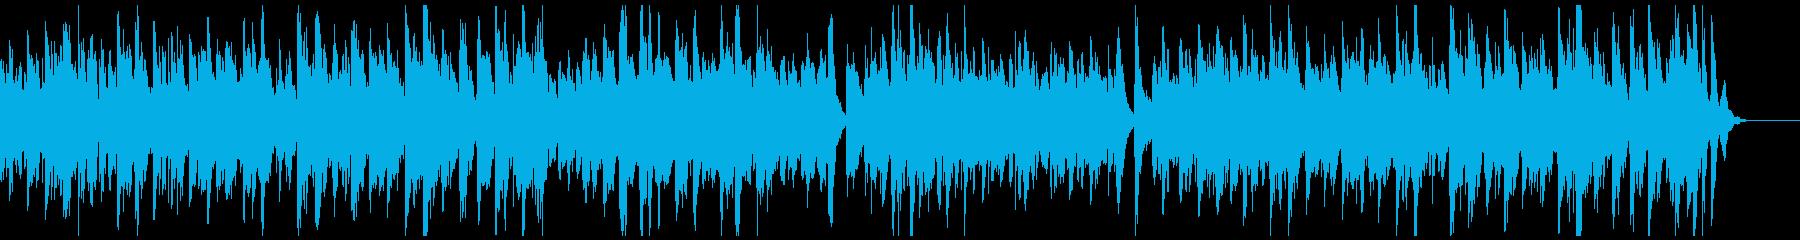 ウキウキ楽しいラグタイム・ピアノの再生済みの波形